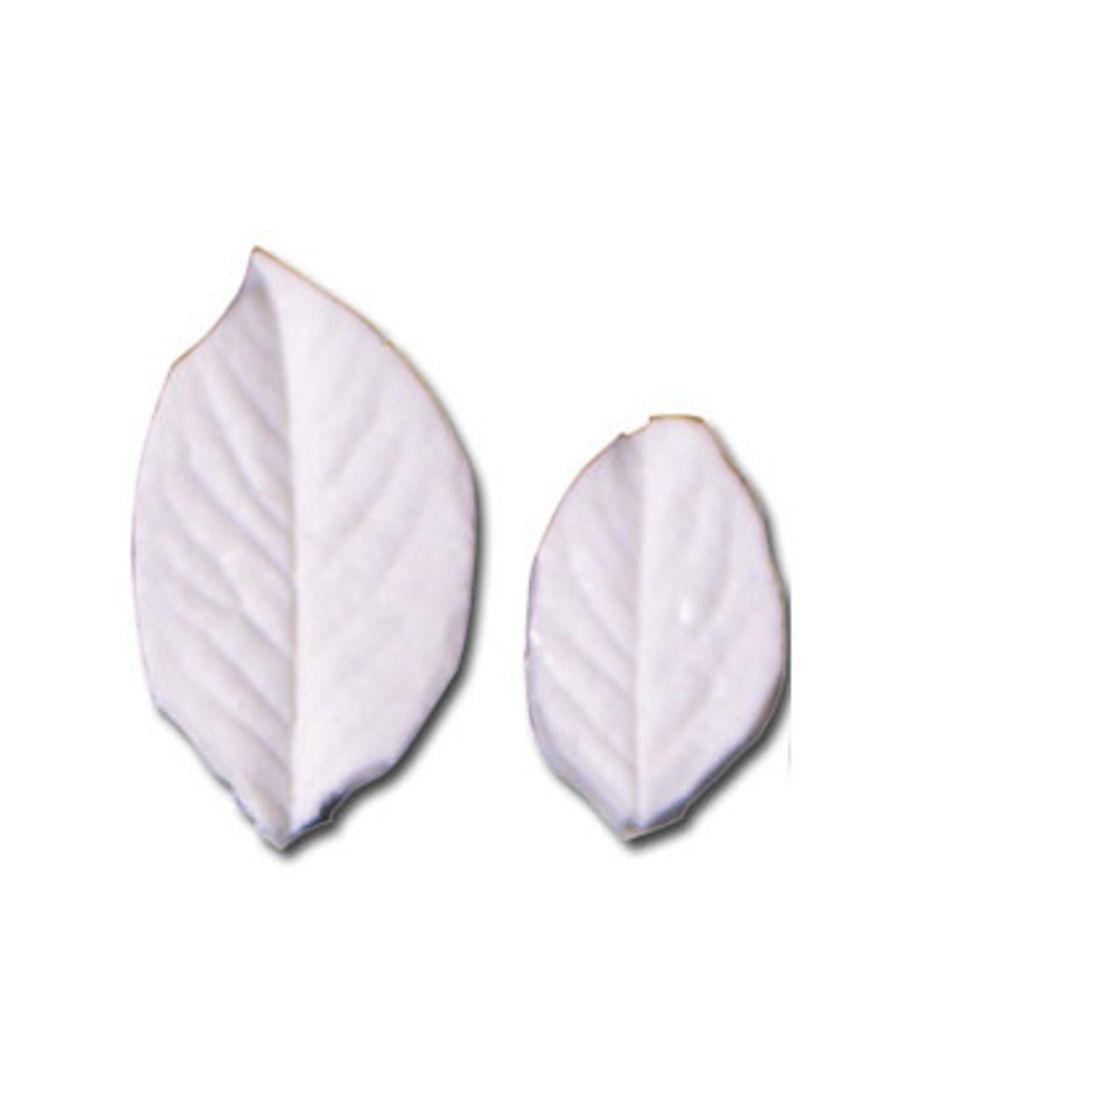 Blumendraht grün – 26 gauge – Steffi´s Torten Makeup